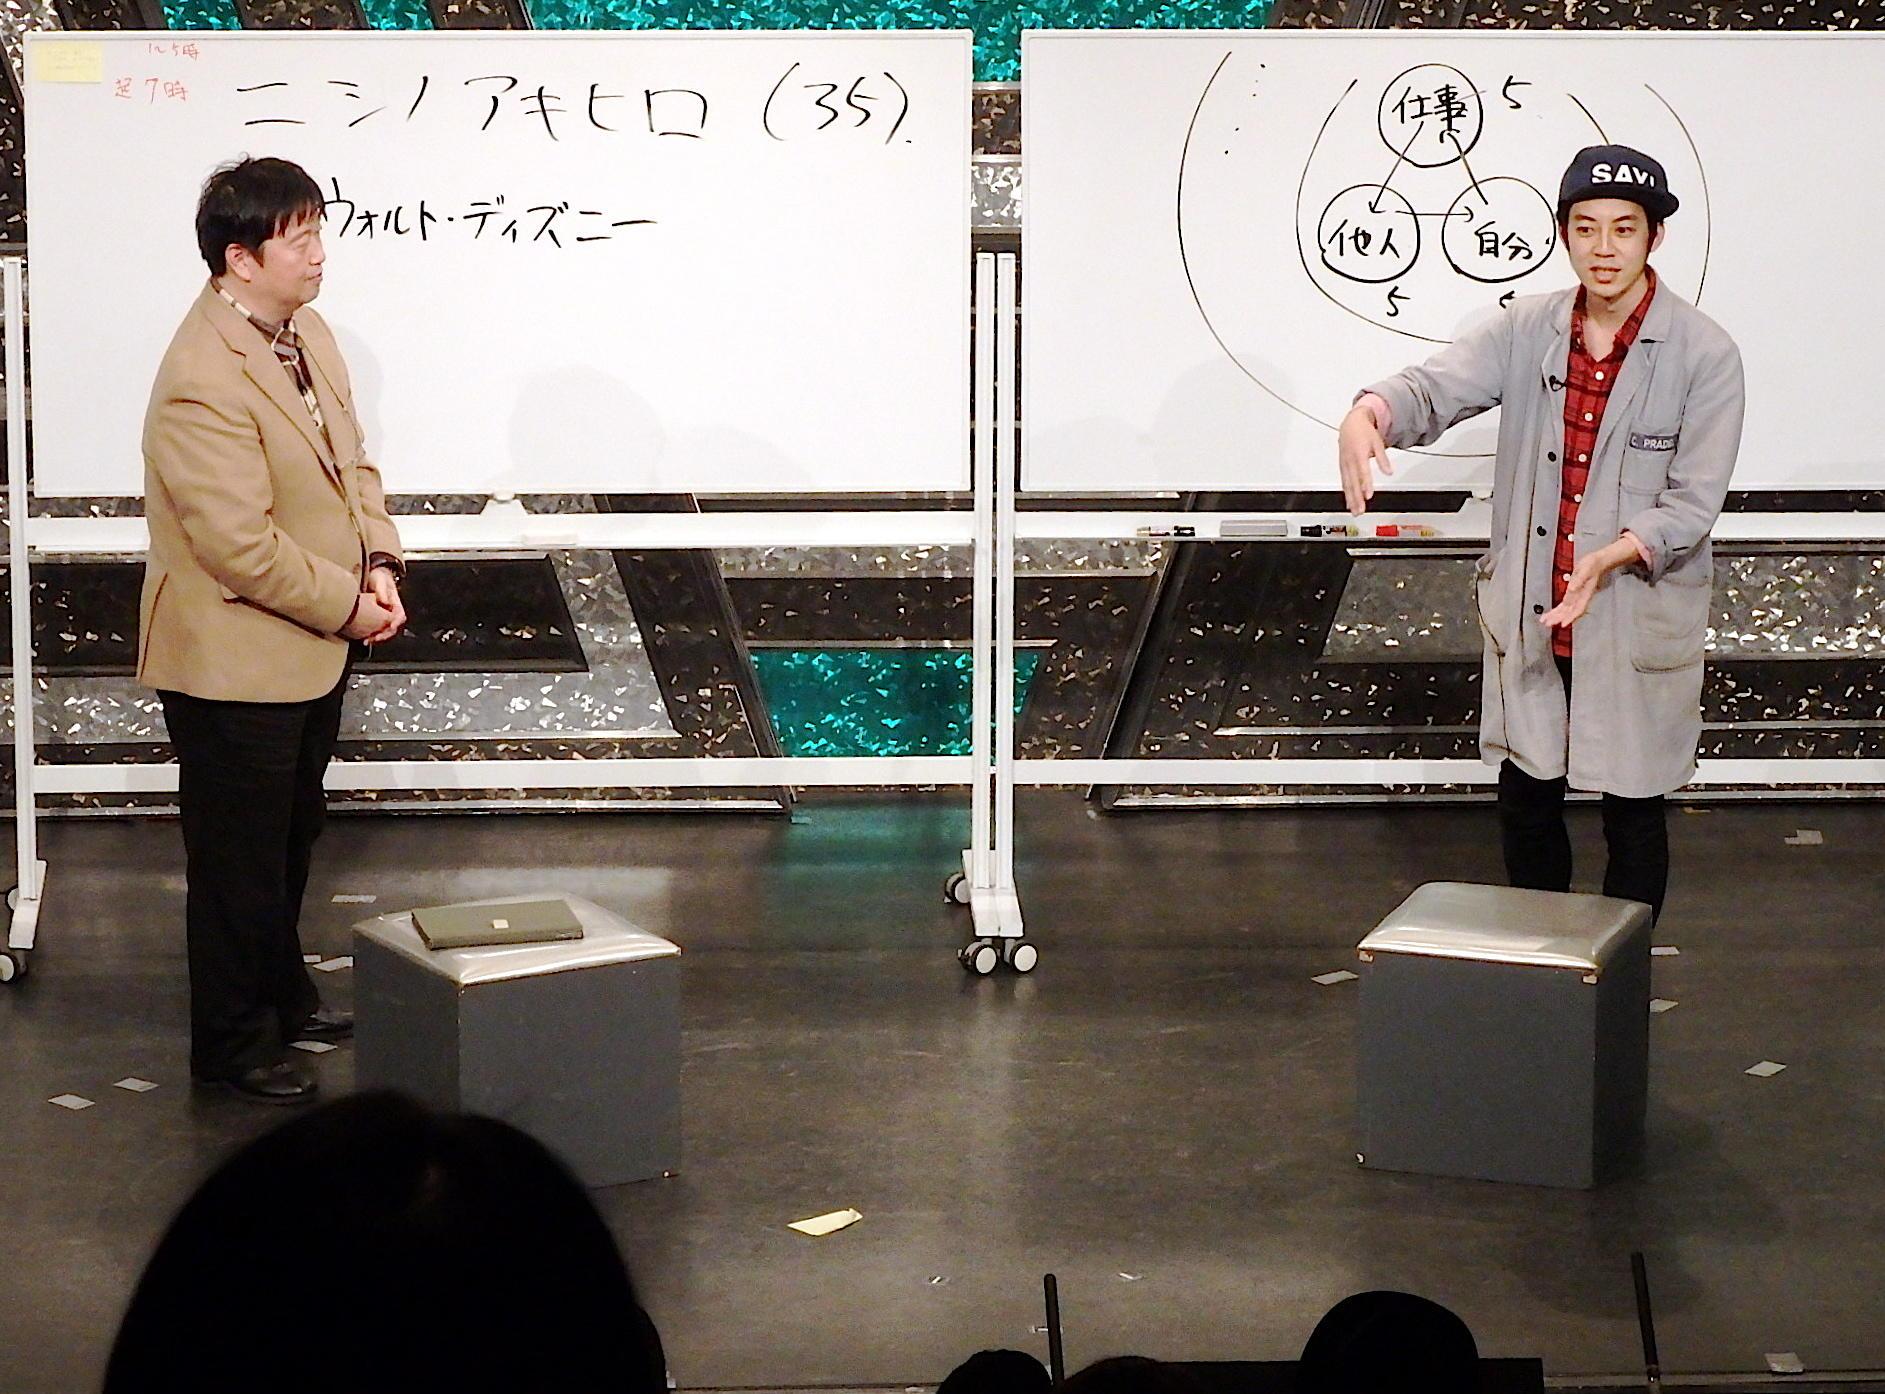 http://news.yoshimoto.co.jp/20160116181352-9f9894c2ade5423dc670f59fee319e4c03cc0f01.jpg